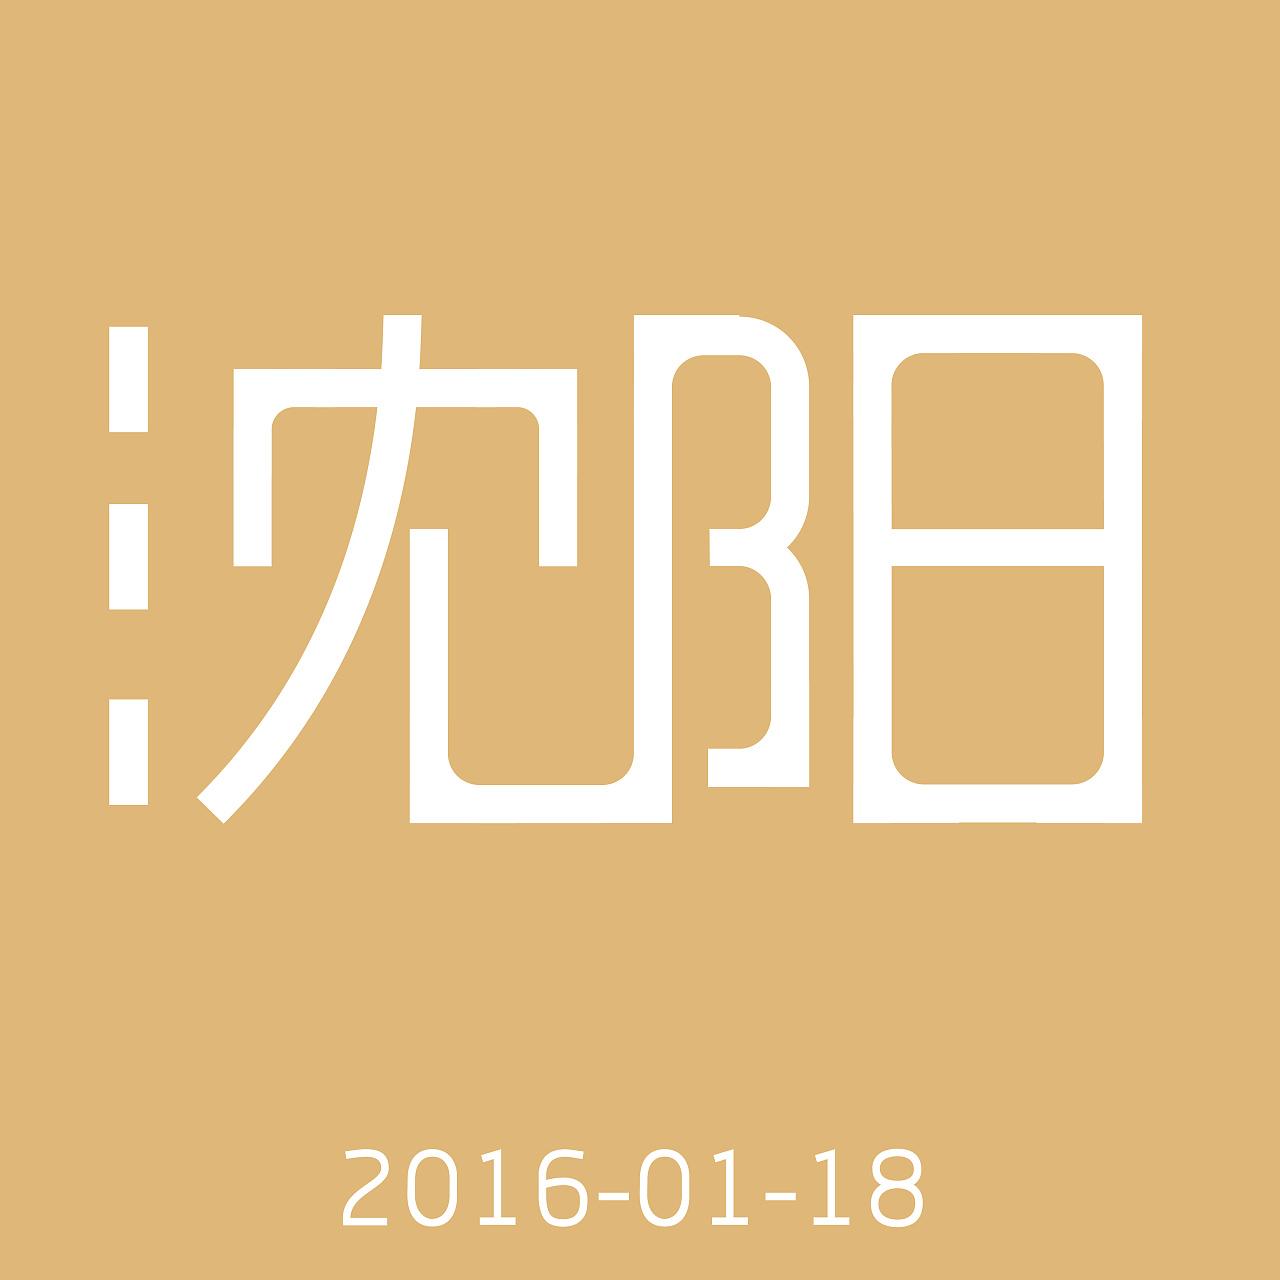 沈阳-字体设计|平面|字体/字形|a土豆 - 原创作品